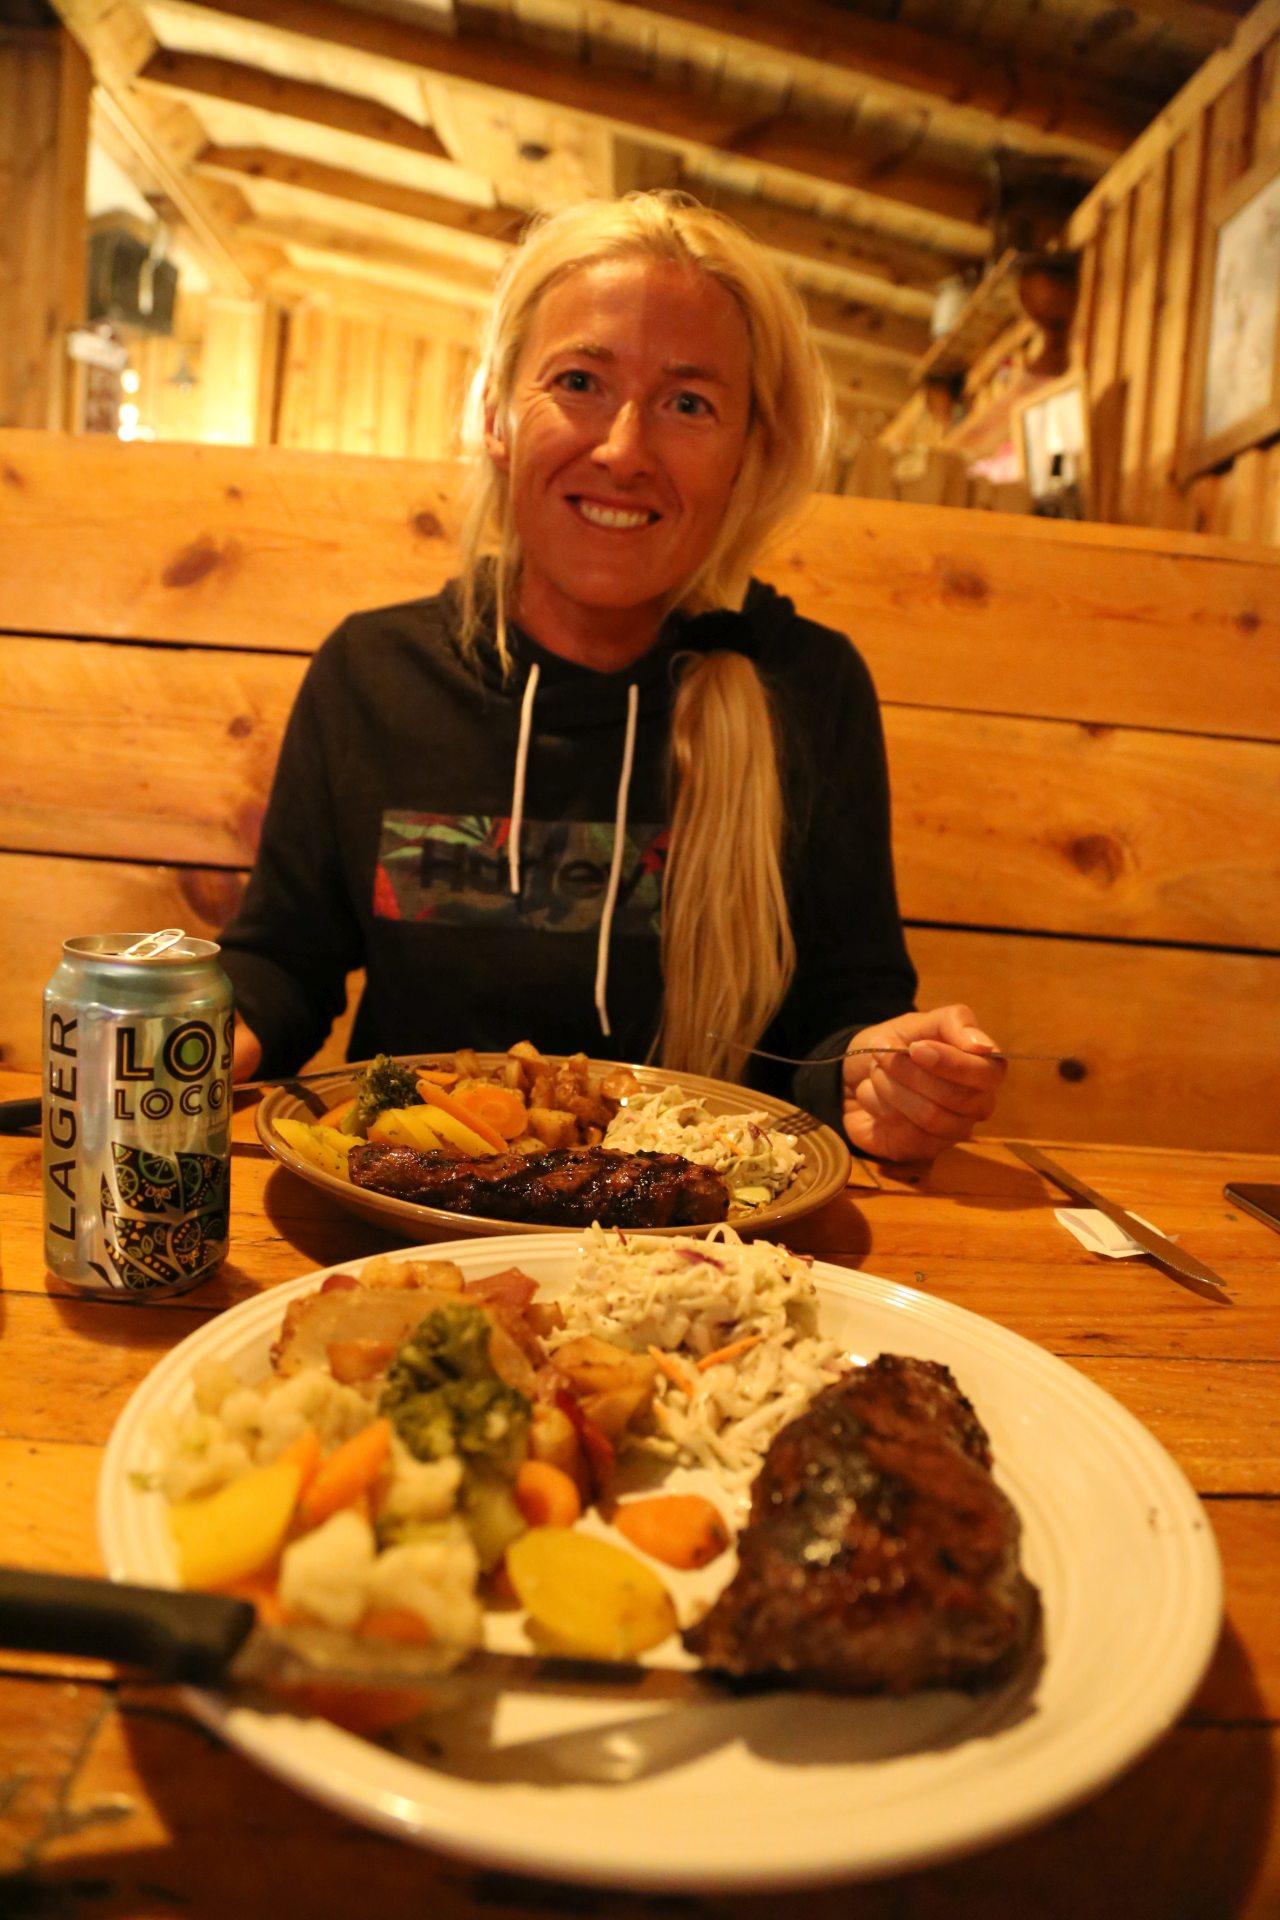 Hier hat das Bier noch nicht gewirkt! - Bier, Blondine, Bryce Canyon National Park, Bryce Pioneer Village, Essen, Gemütlichkeit, Personen, Portrait, Porträt, Showdowns Restaurant, Steak, Trinken, Tropic, Utah - HOFBAUER-HOFMANN Sofia - (Tropic, Utah, Vereinigte Staaten)